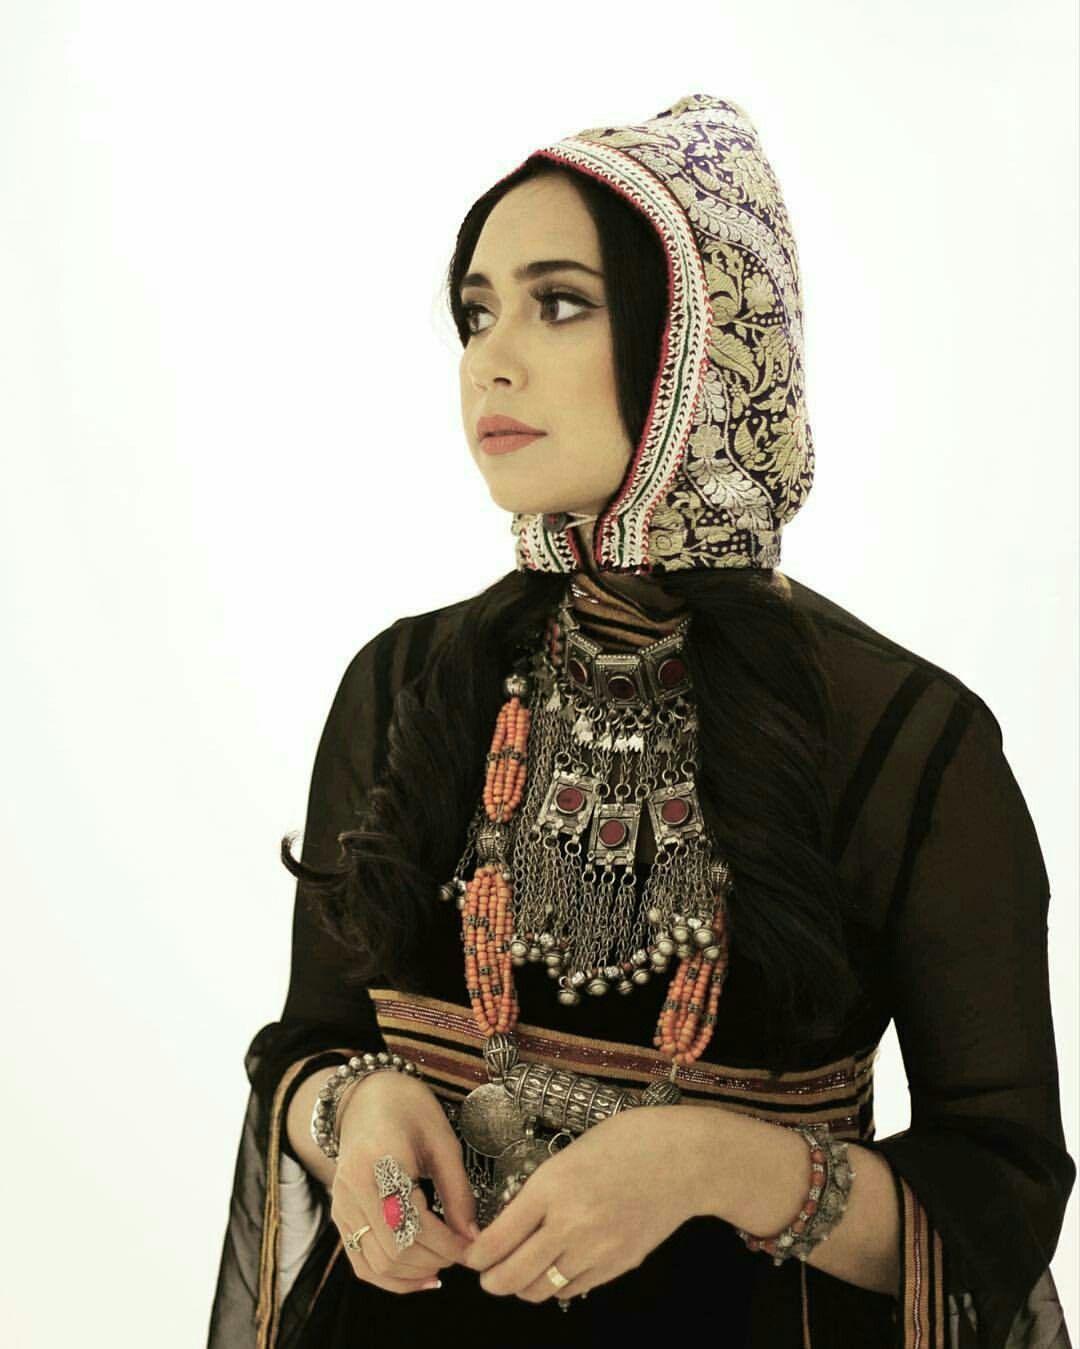 القرقوش لبس تراثي يلبس على الراس الزي الرسمي للبنات قبل الزواج والمنتشر في طول البلاد وعرضها يتحدى الزمن يختفي لكنه Fashion Yemen Women Muslim Beauty